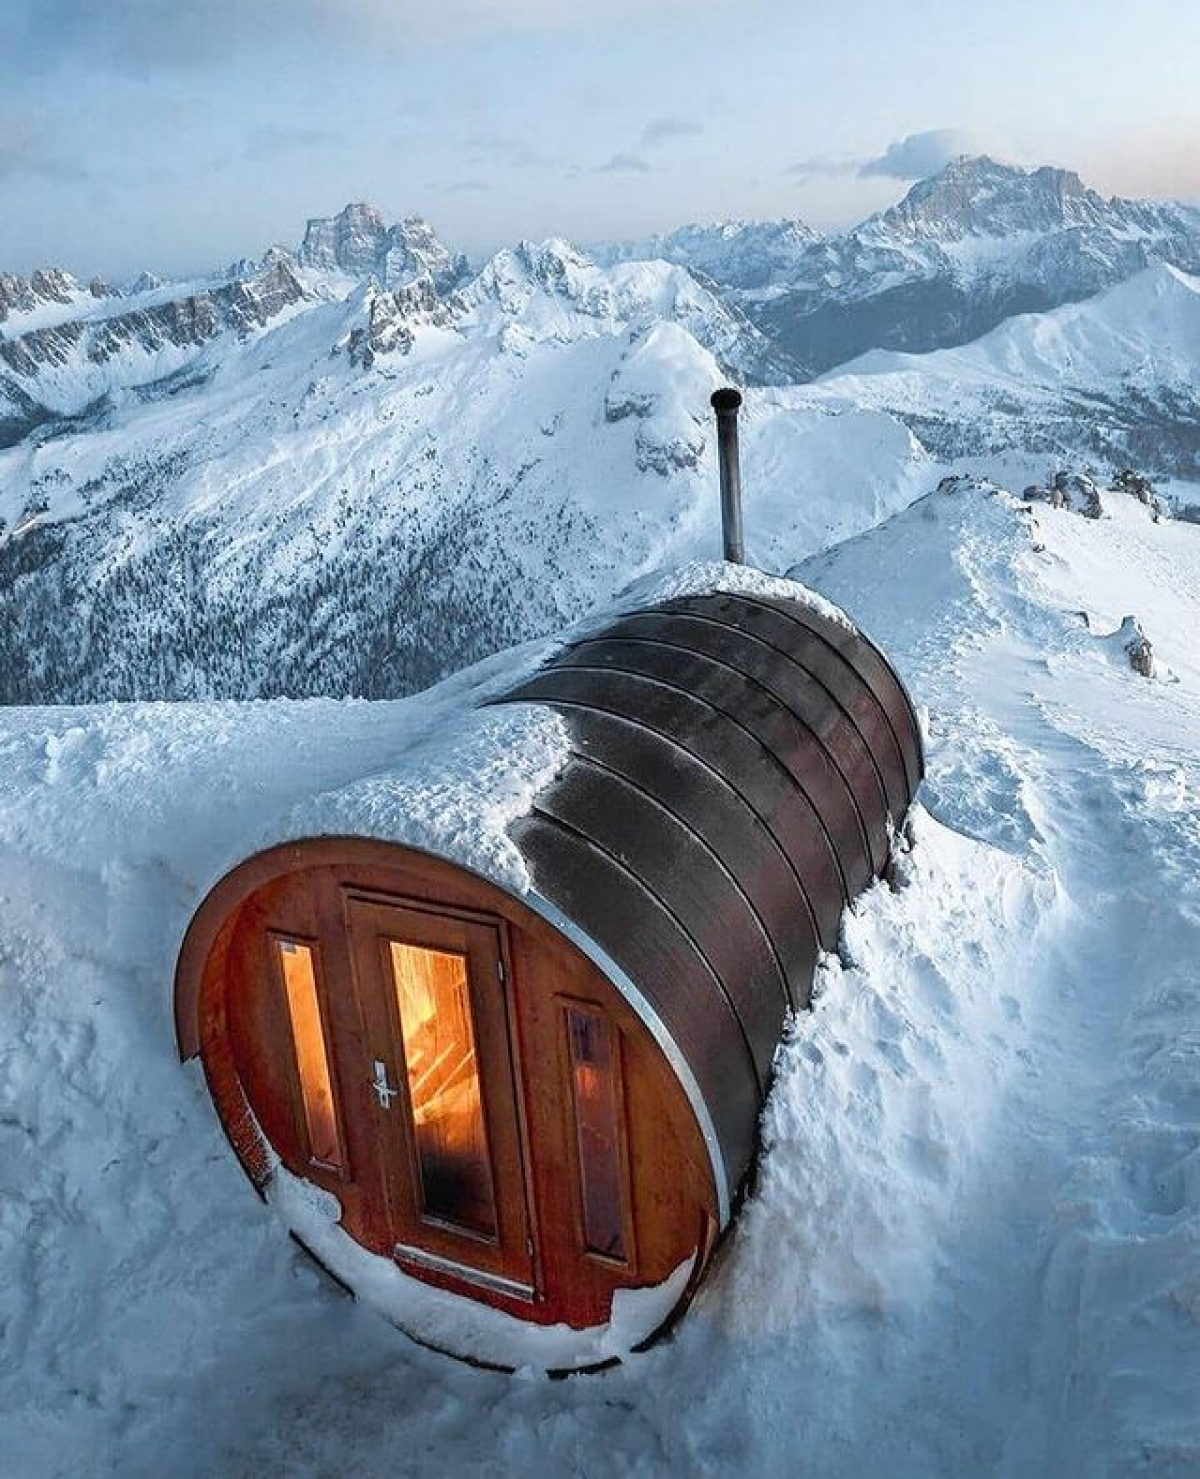 Thuộc lãnh thổ Italy, đây là một phòng xông hơi khô kiểu Phần Lan. Nơi này tọa lạc trên đỉnh Lagazuoi ở độ cao 2.700 m, hướng tầm nhìn ra con đèo Falzarego và khung cảnh núi cao hùng vĩ. Phòng xông hơi nằm trong một quần thể nghỉ dưỡng, với quầy bar, nhà hàng và 74 giường ngủ trong các phòng riêng và phòng tập thể.